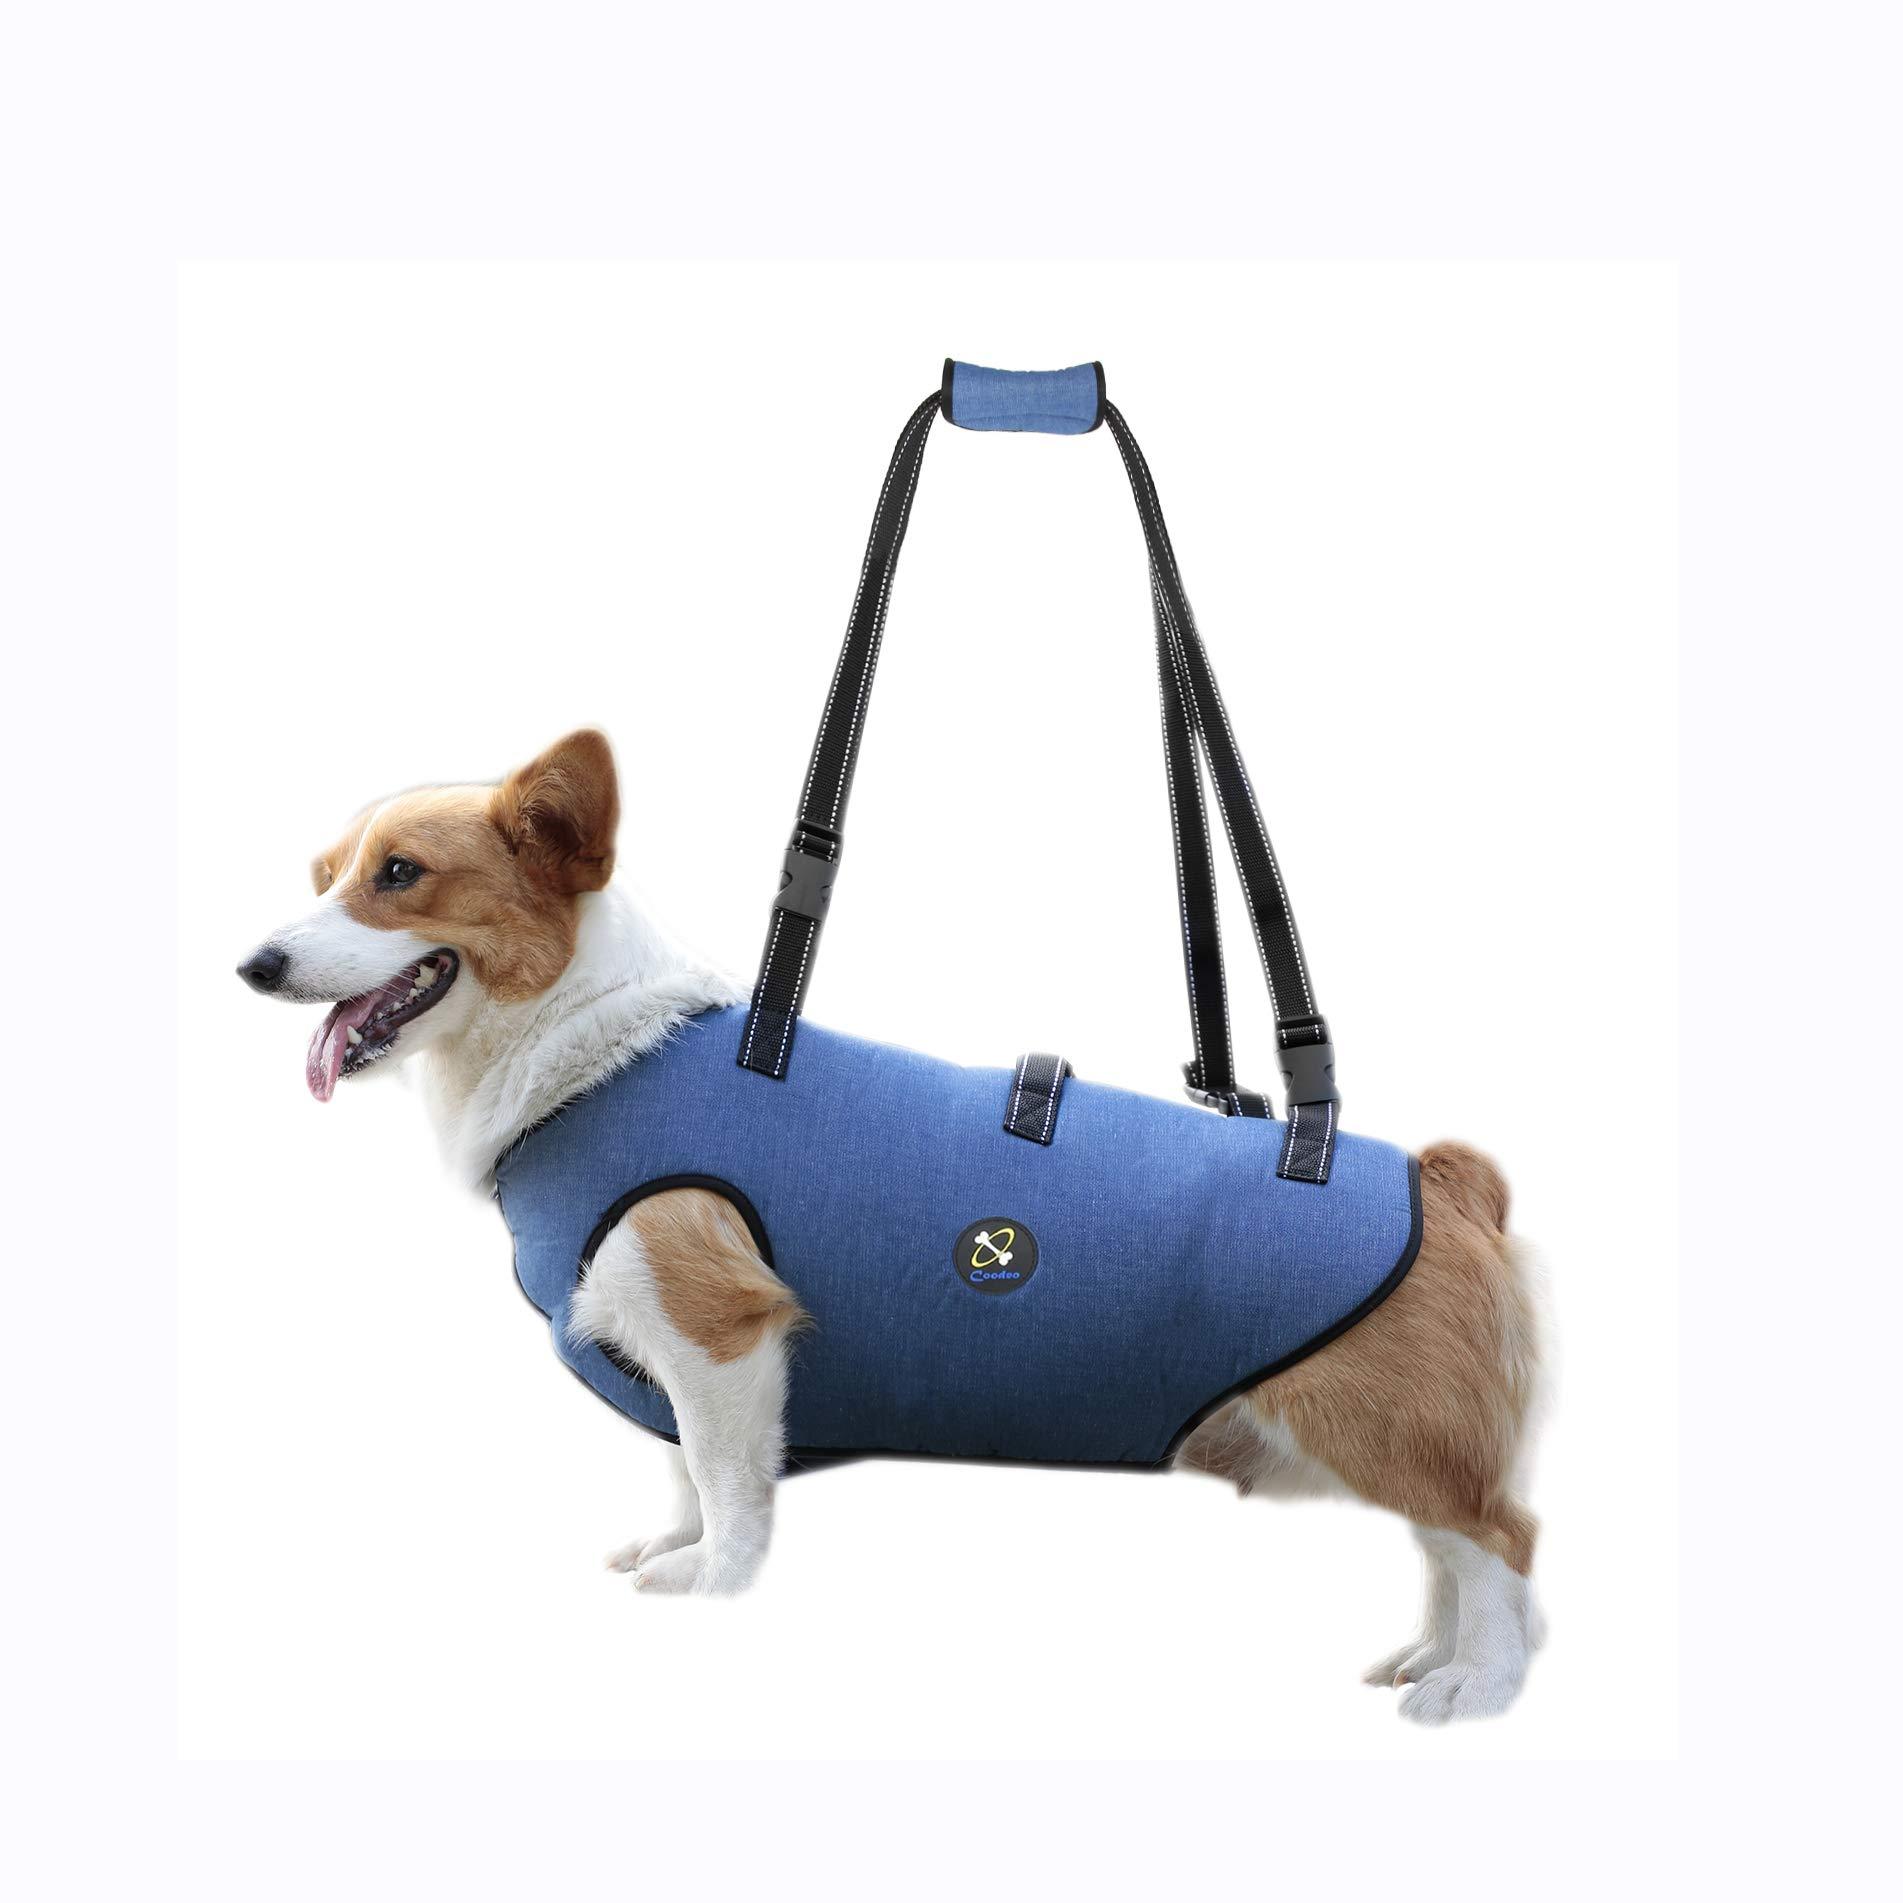 Arnes Mascotas Perros Discapasitados Paseo- Chico